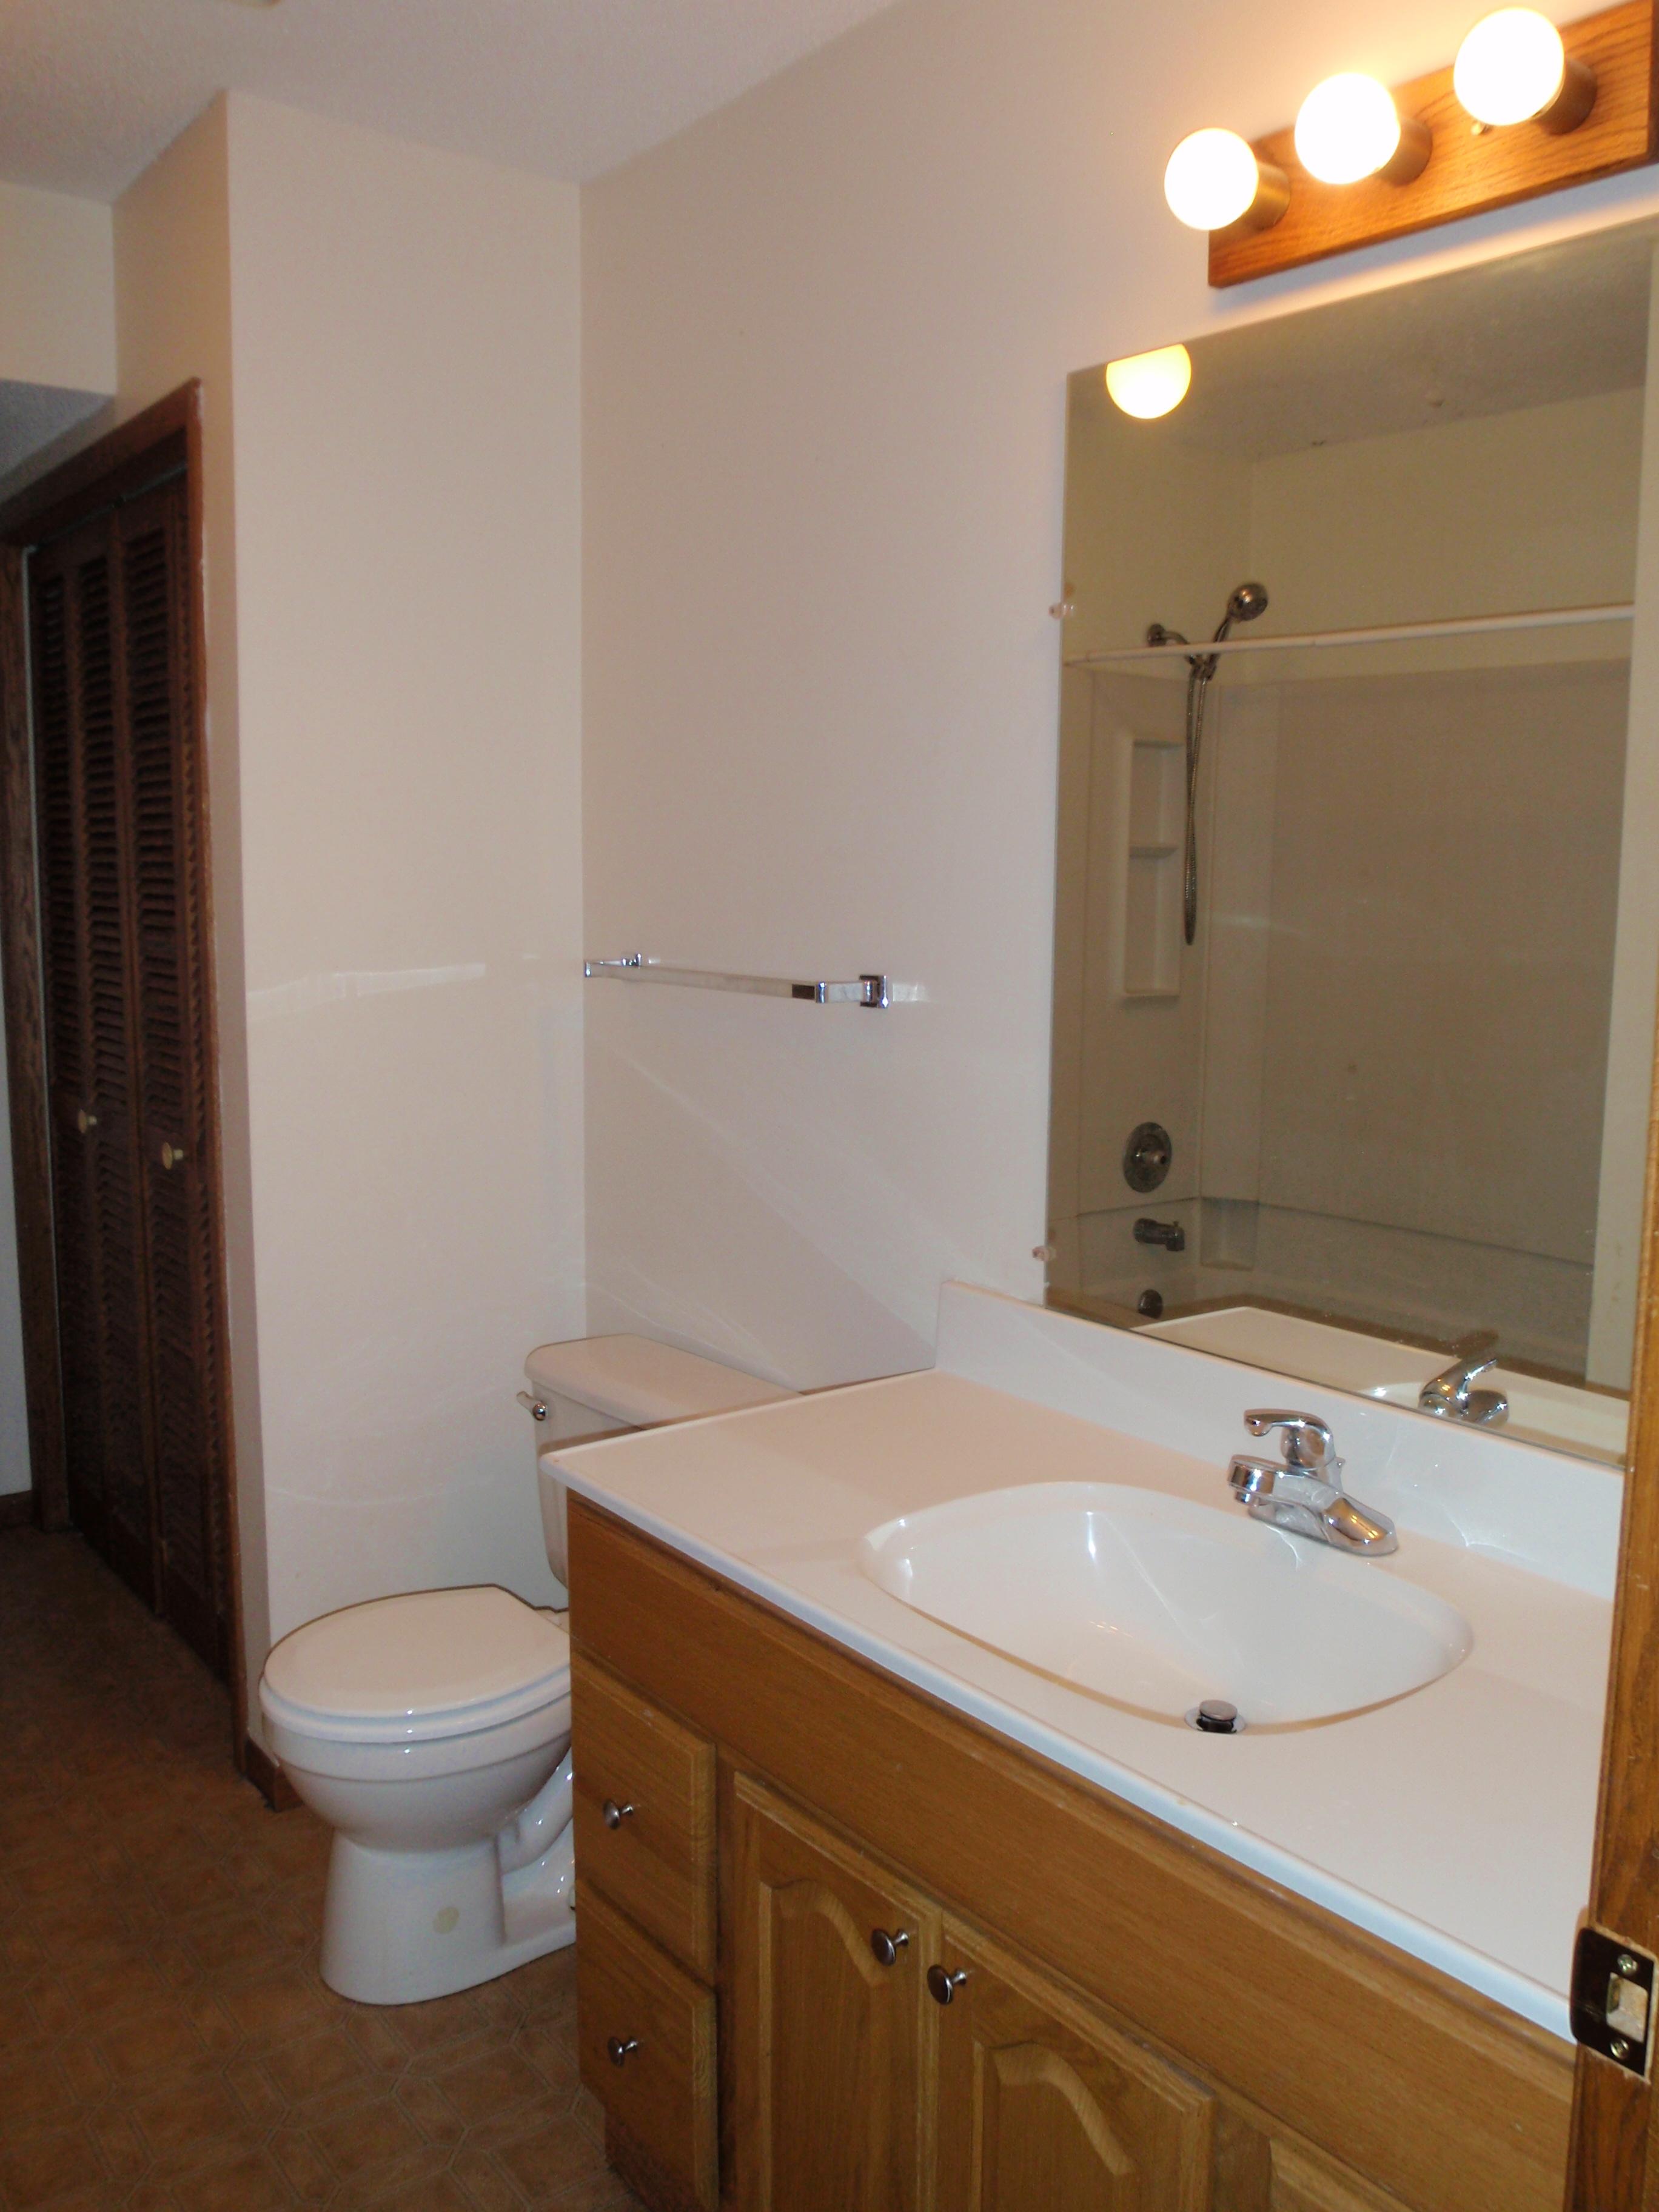 Bathroom of #1212